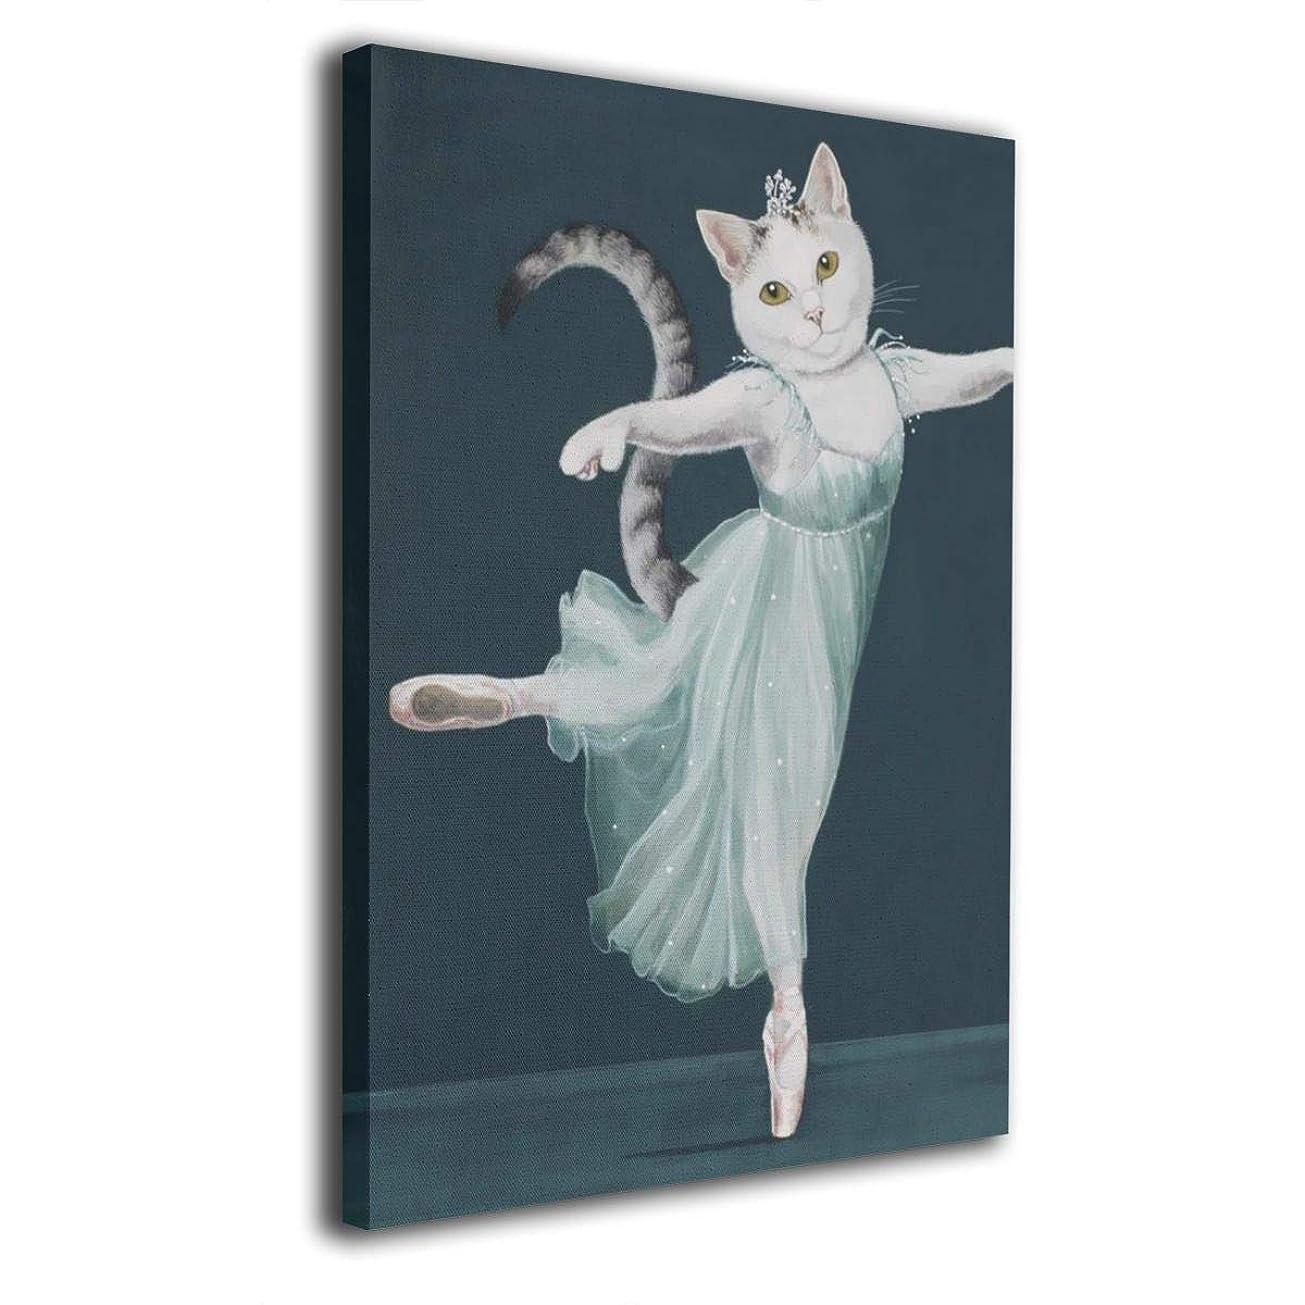 闇破壊的鉱石Ale-art バレエ 白猫 アートパネル 30*40cm ポスター 絵画 壁掛け インテリア 風景 キャンバス絵画 バスルーム ダイニングルーム 装飾